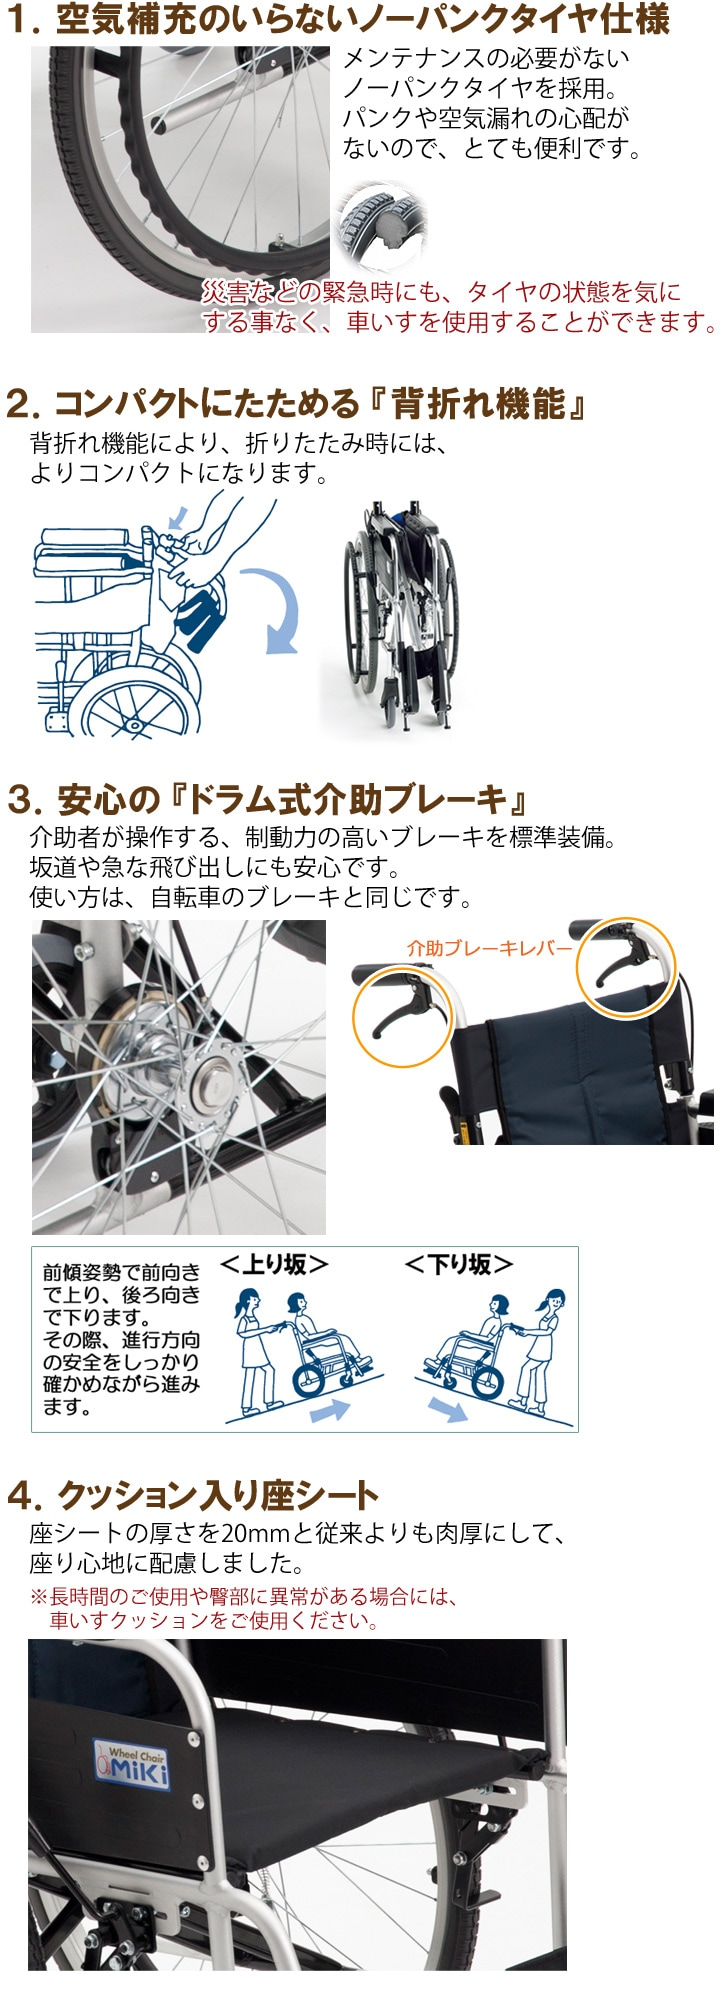 自走用車いす USG-1の機能説明